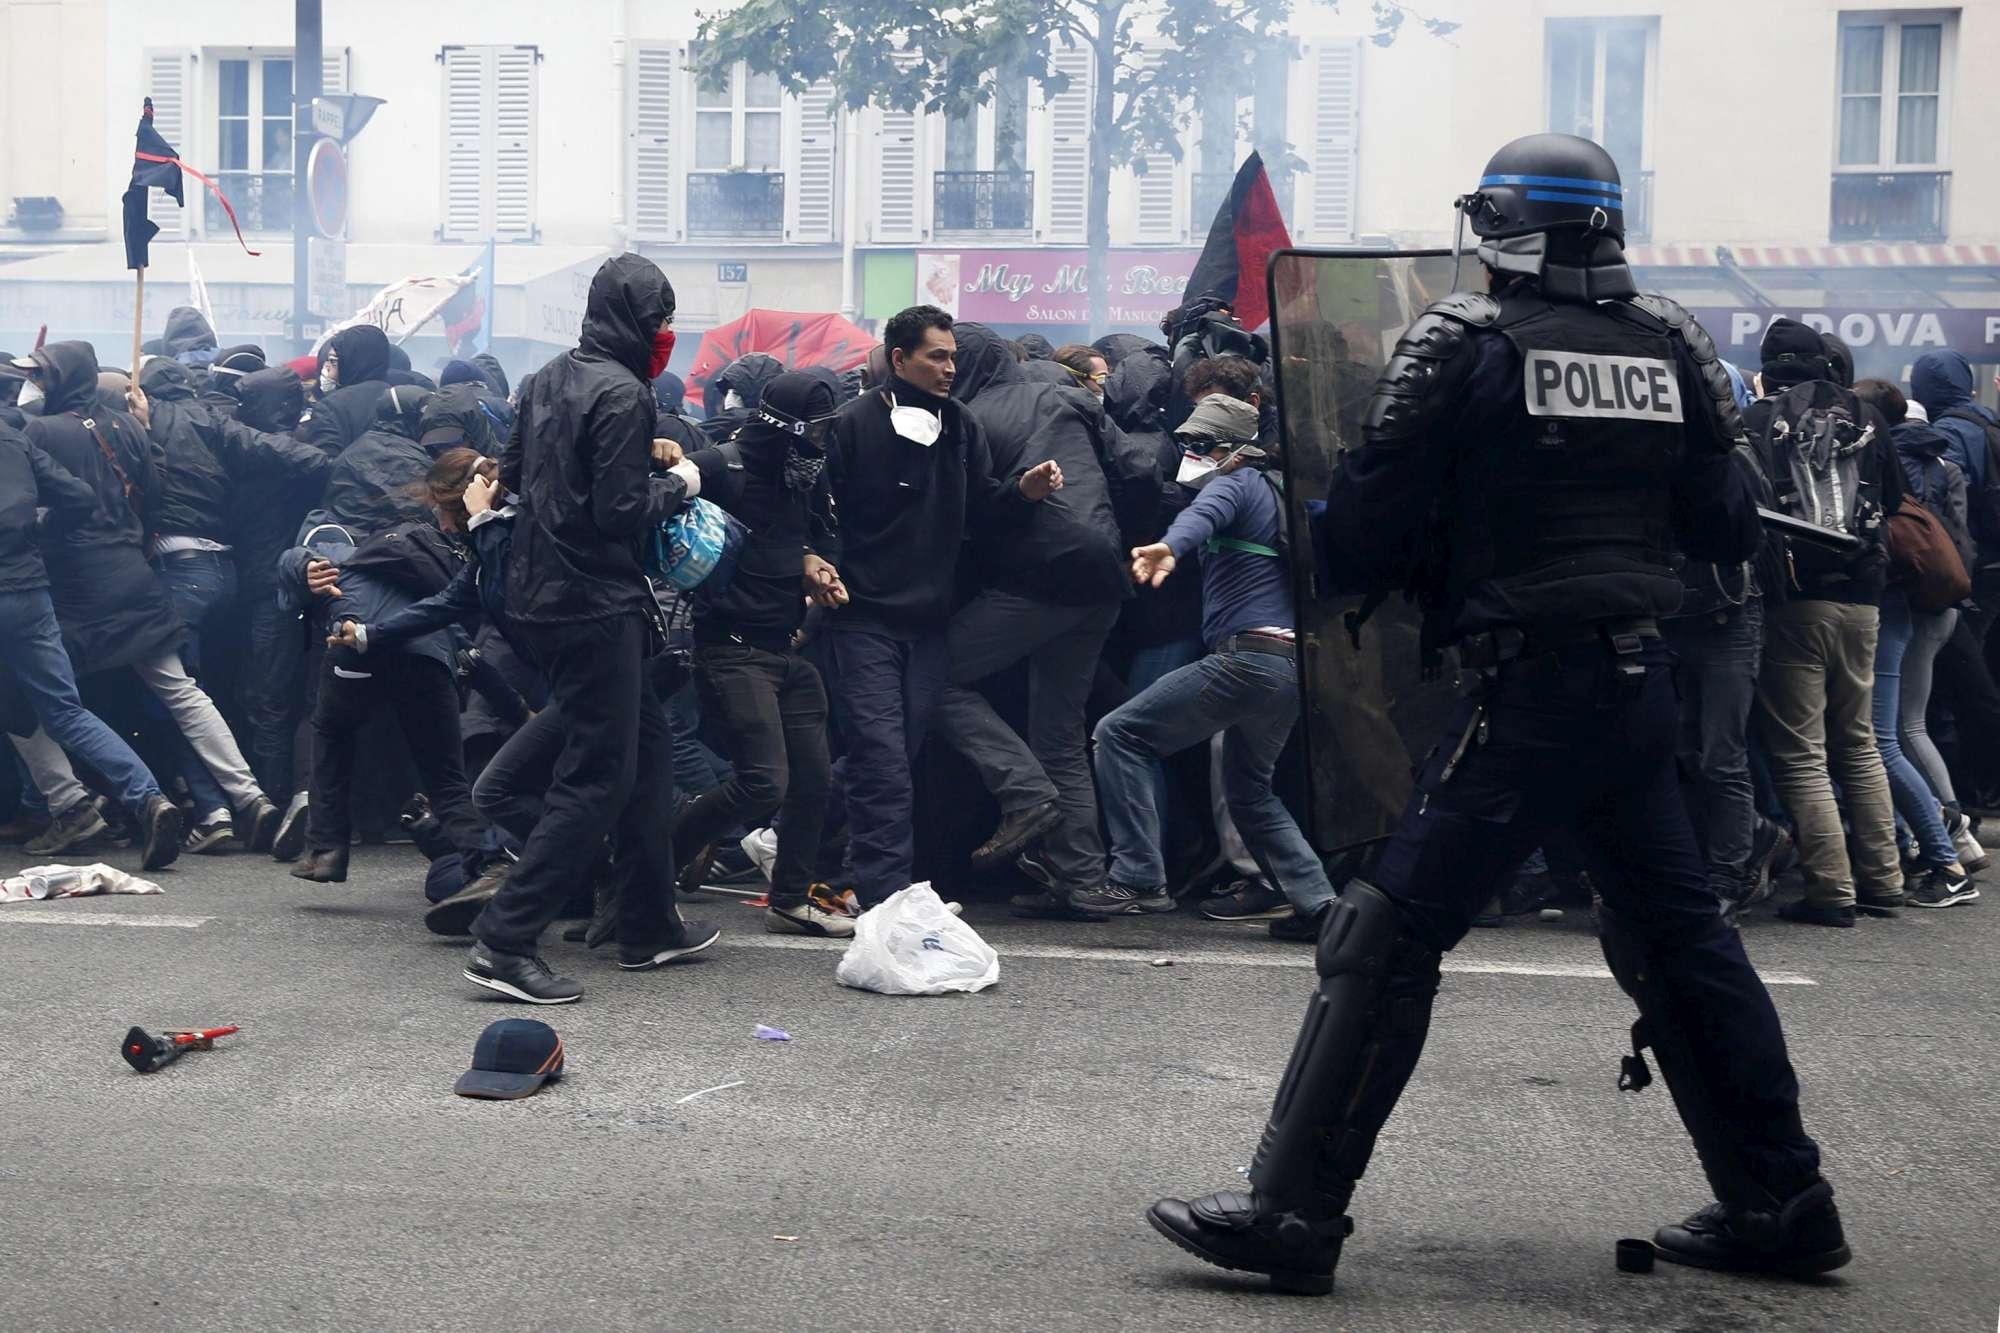 Parigi, scontri con la polizia al corteo dei sindacati: molti feriti